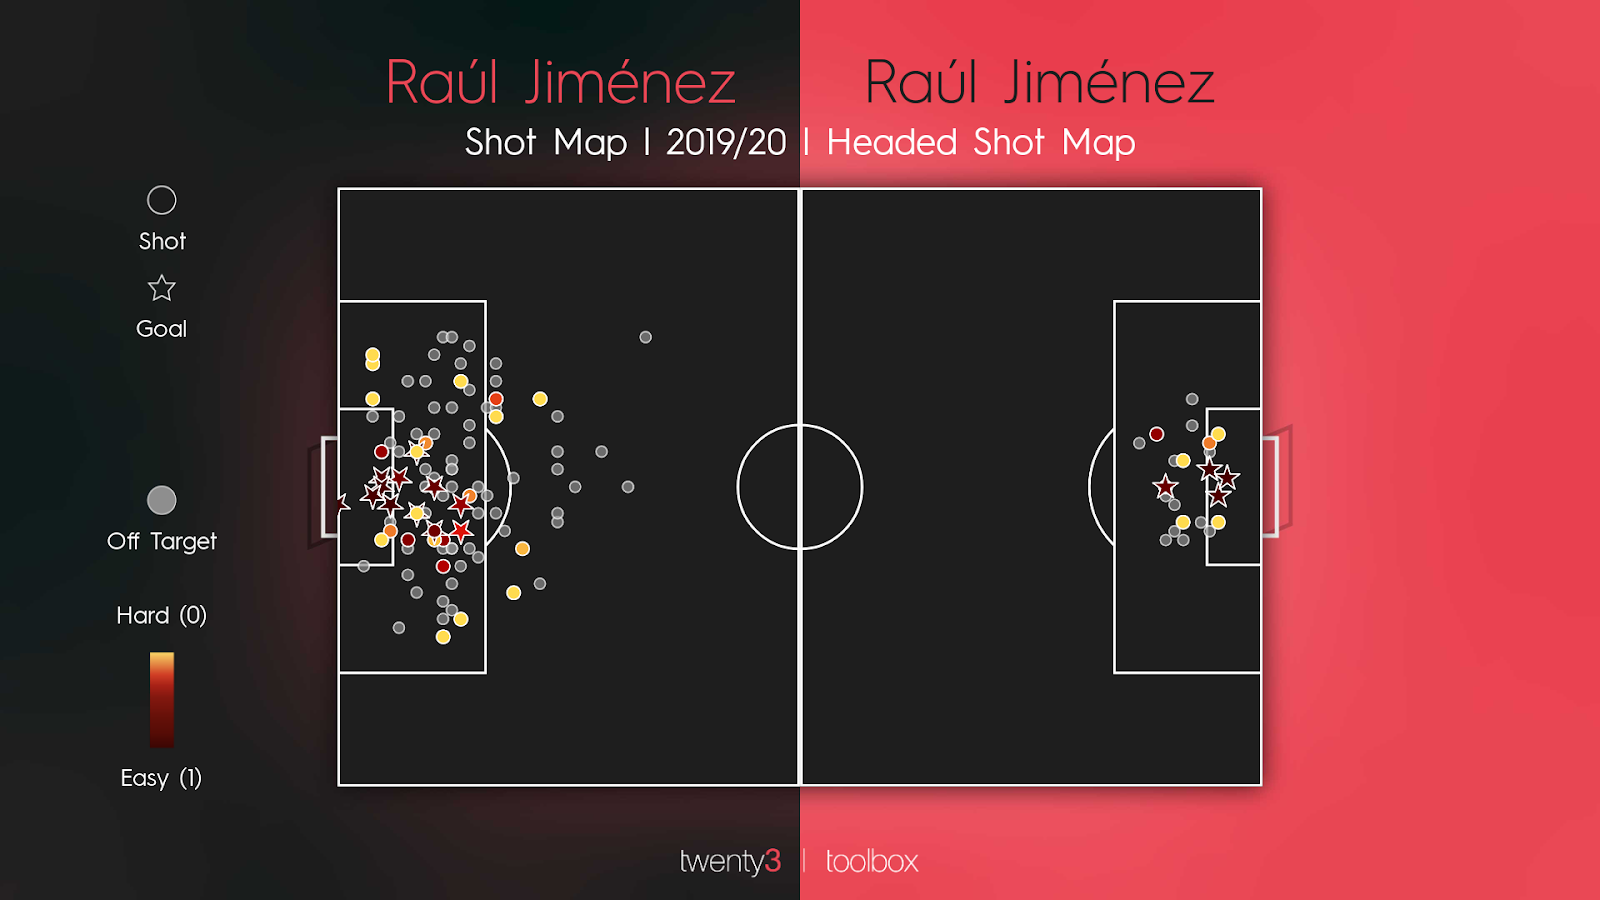 Raúl Jiménez's shot maps for the 2019/20 Premier League season.